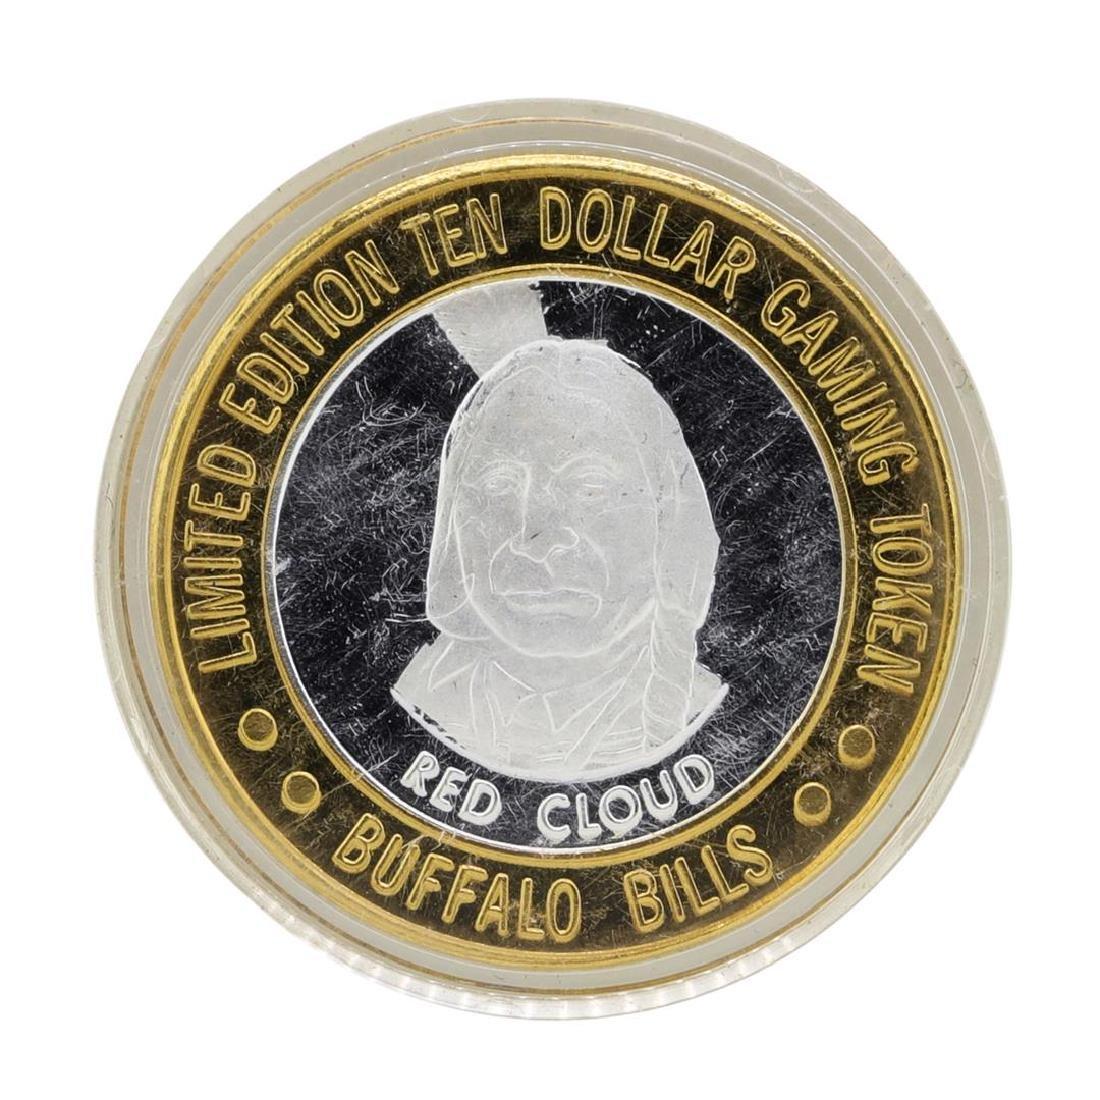 .999 Silver Buffalo Bills Resort & Casino $10 Limited